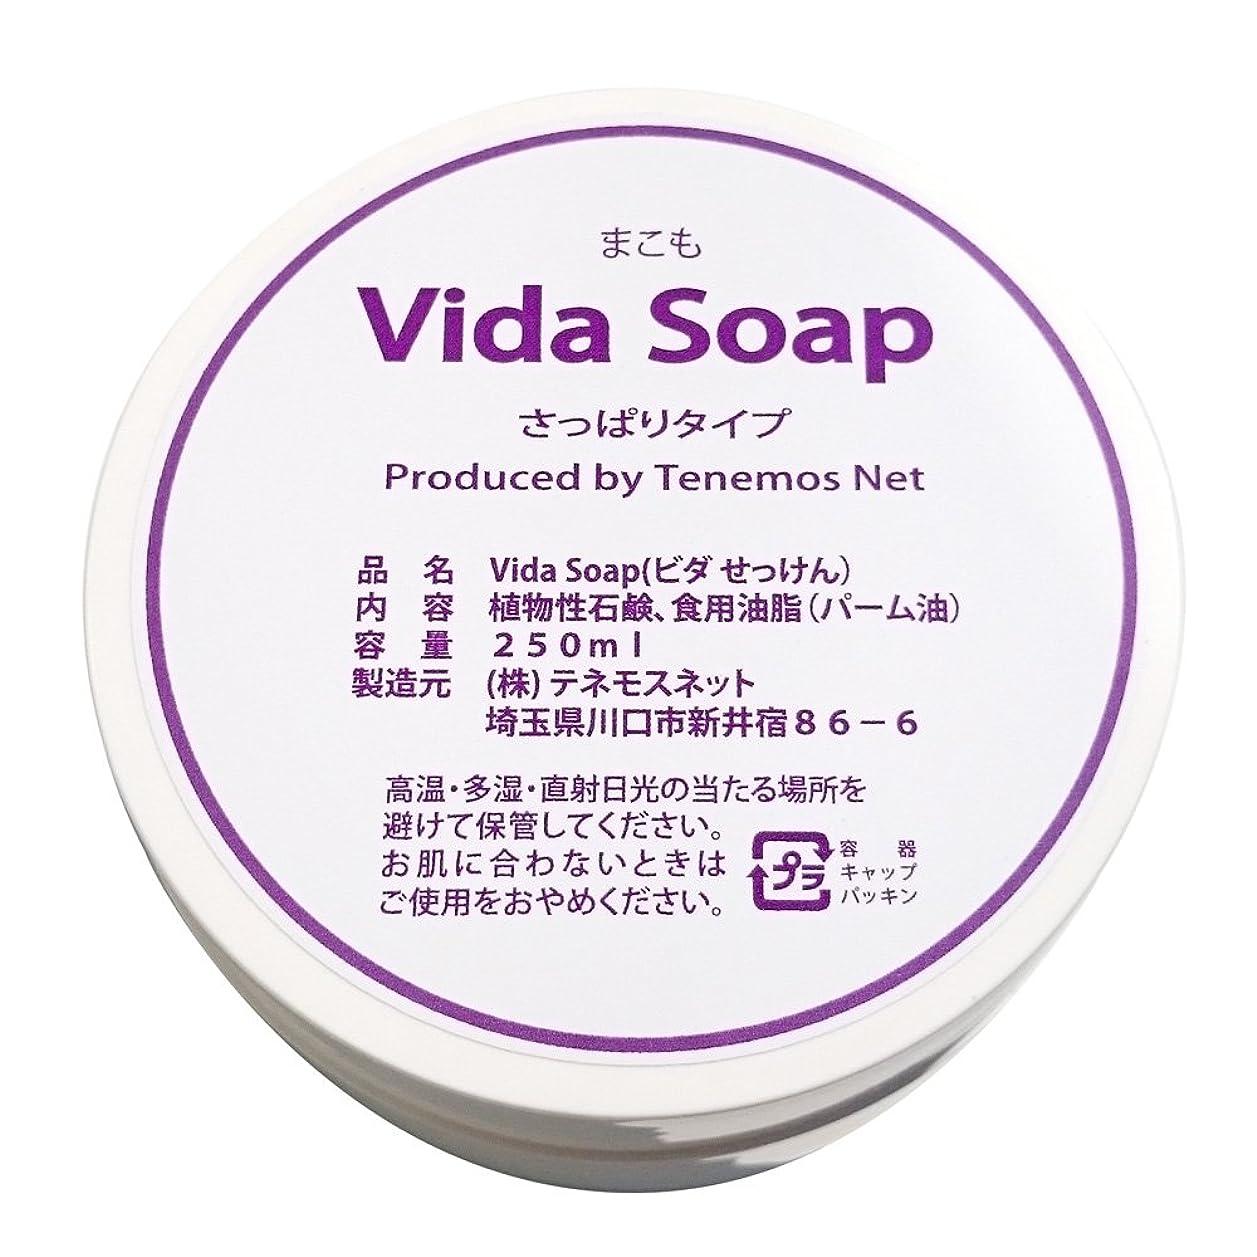 剛性怒っている財布テネモス ビダせっけん Vida Soap さっぱりまこも 植物性 250ml